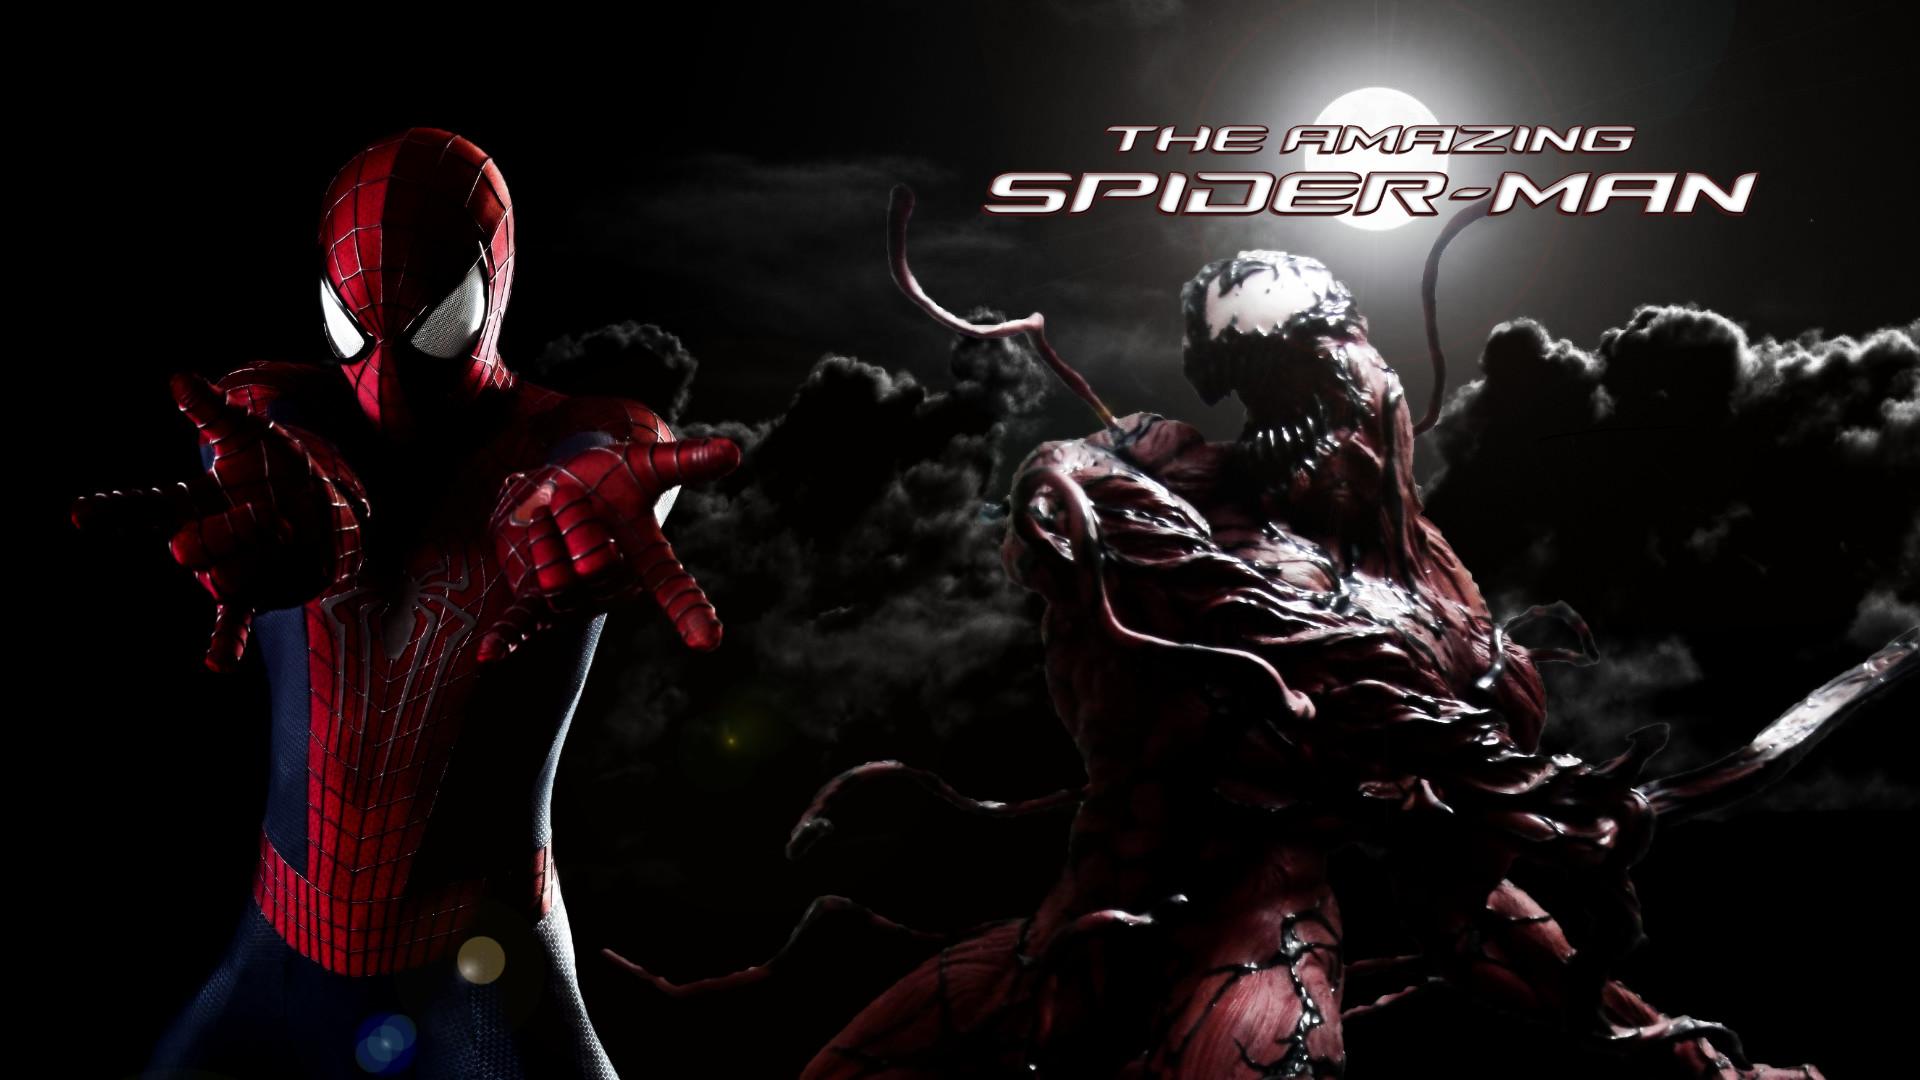 Carnage Spider-Man Movie – wallpaper.